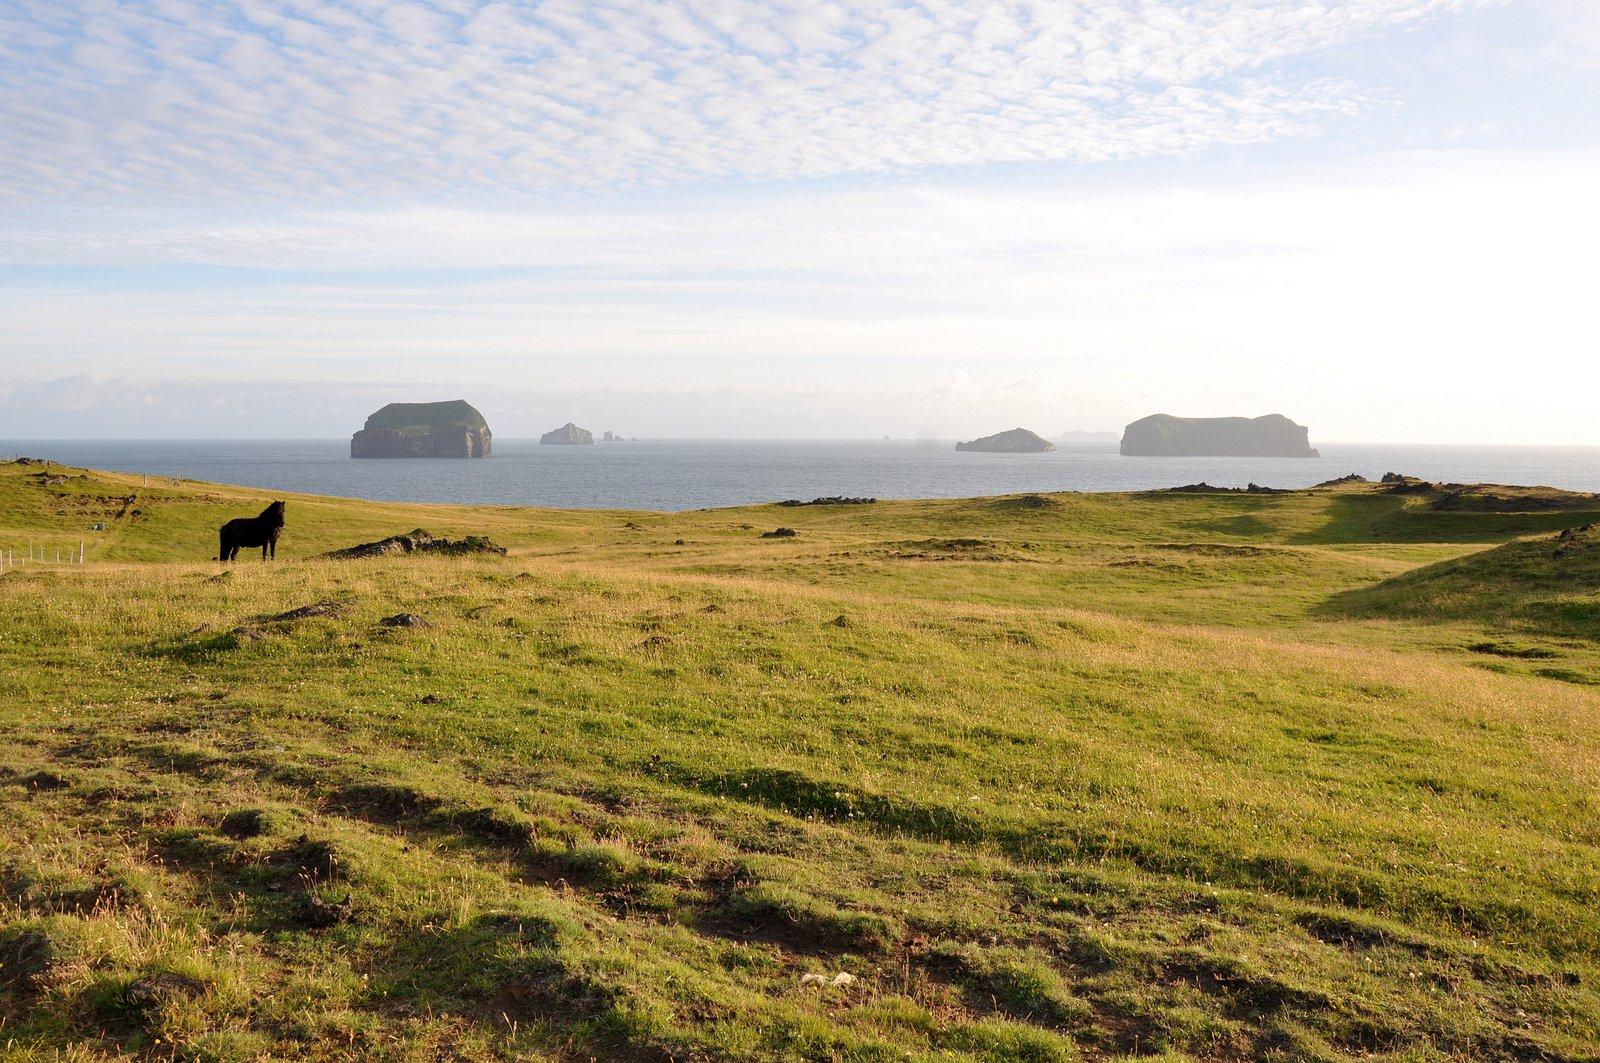 On aperçoit l'île de Surtsey au loin, cachée par les autres îles de l'archipel Vestmann